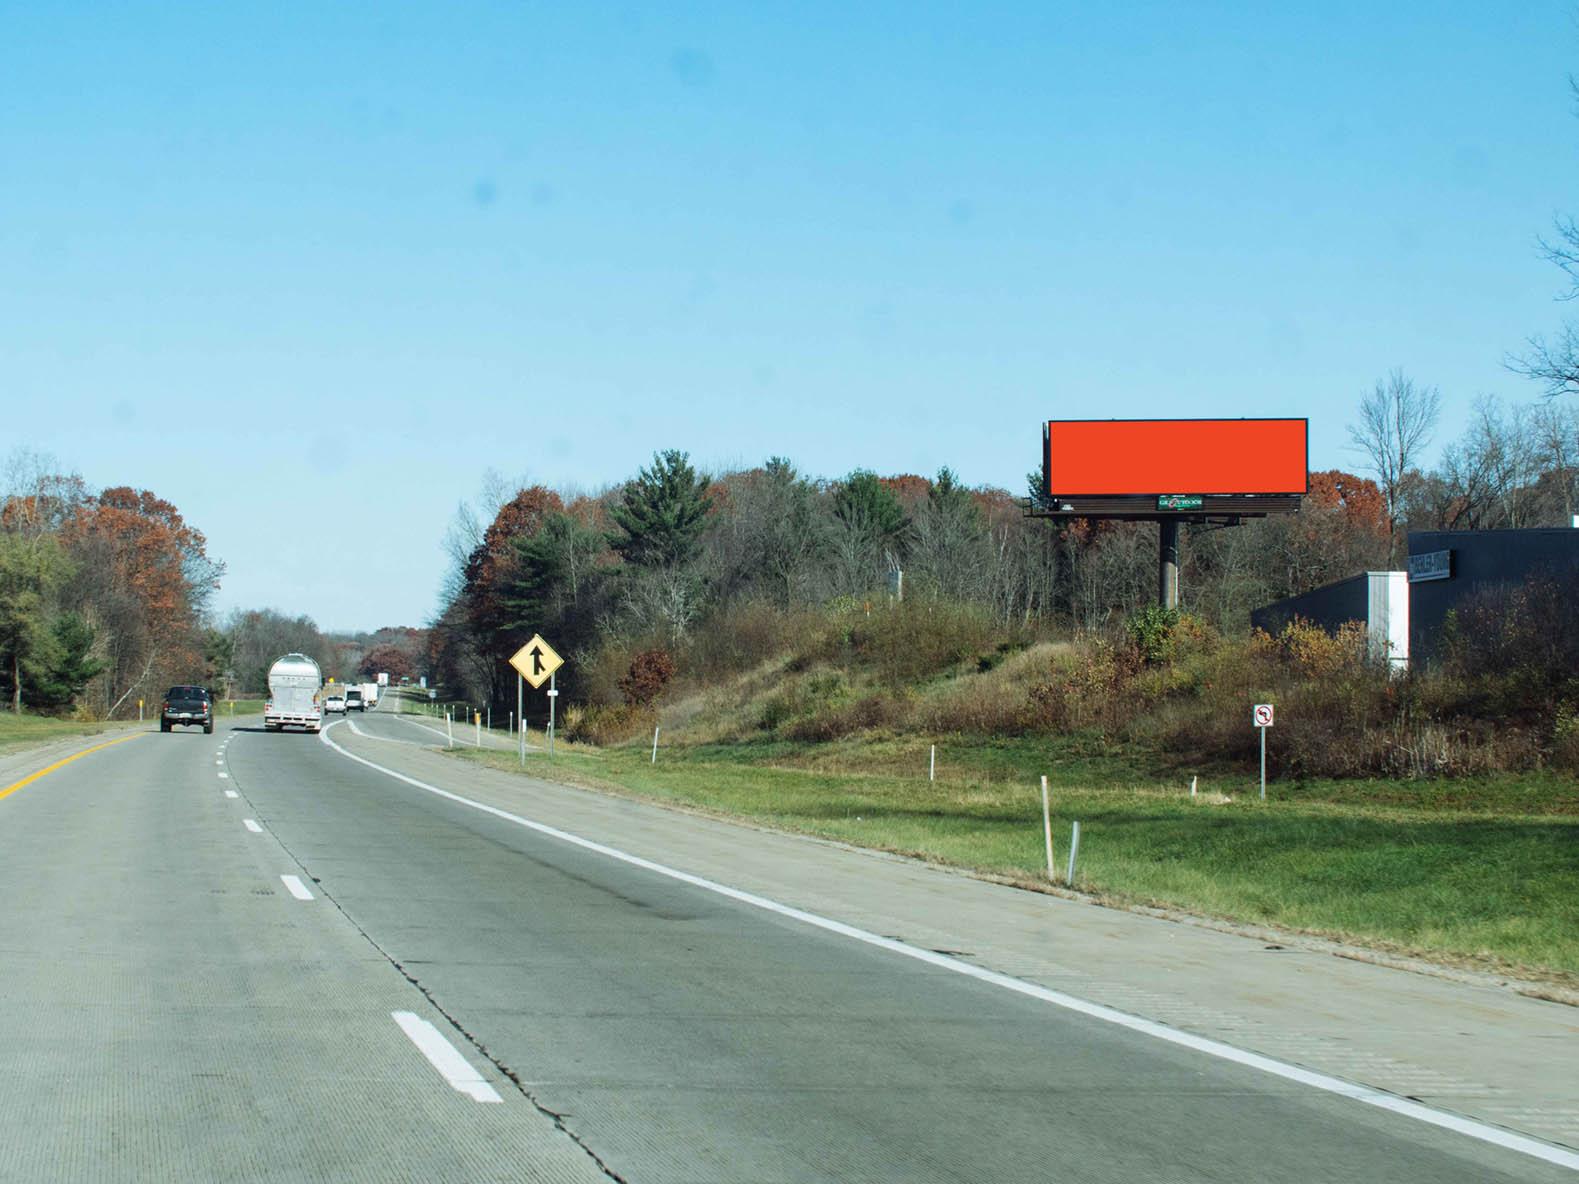 Billboard 123 South (14 x 48) - Geopath: 30722598